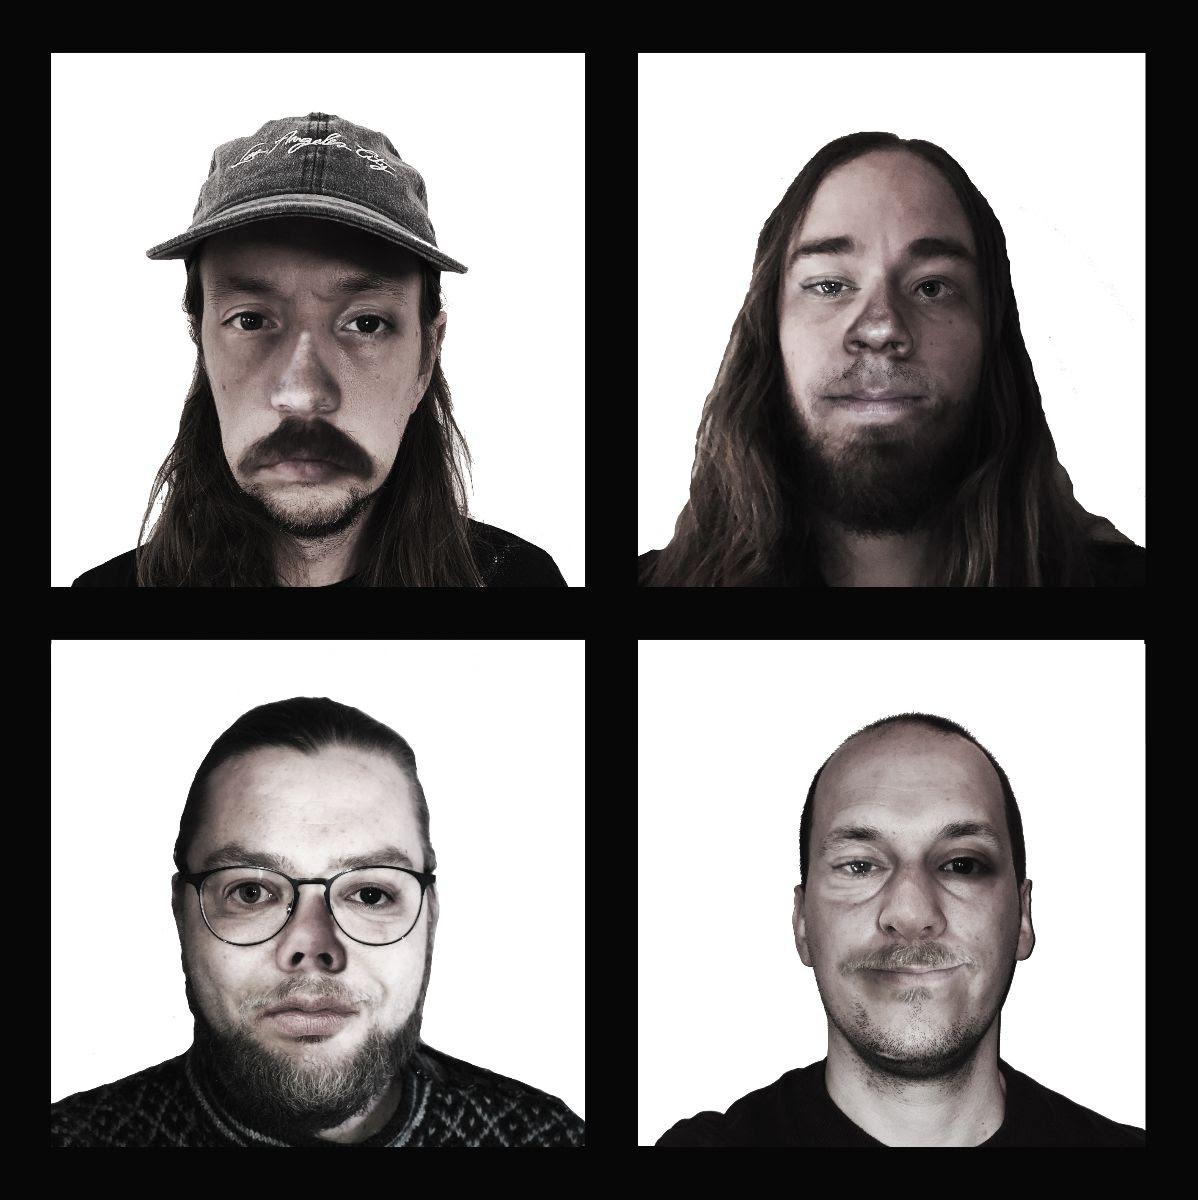 JIRM (Jeremy Irons y Ratgang Malibus) firma con Ripple Music para el lanzamiento de su quinto álbum deestudio.